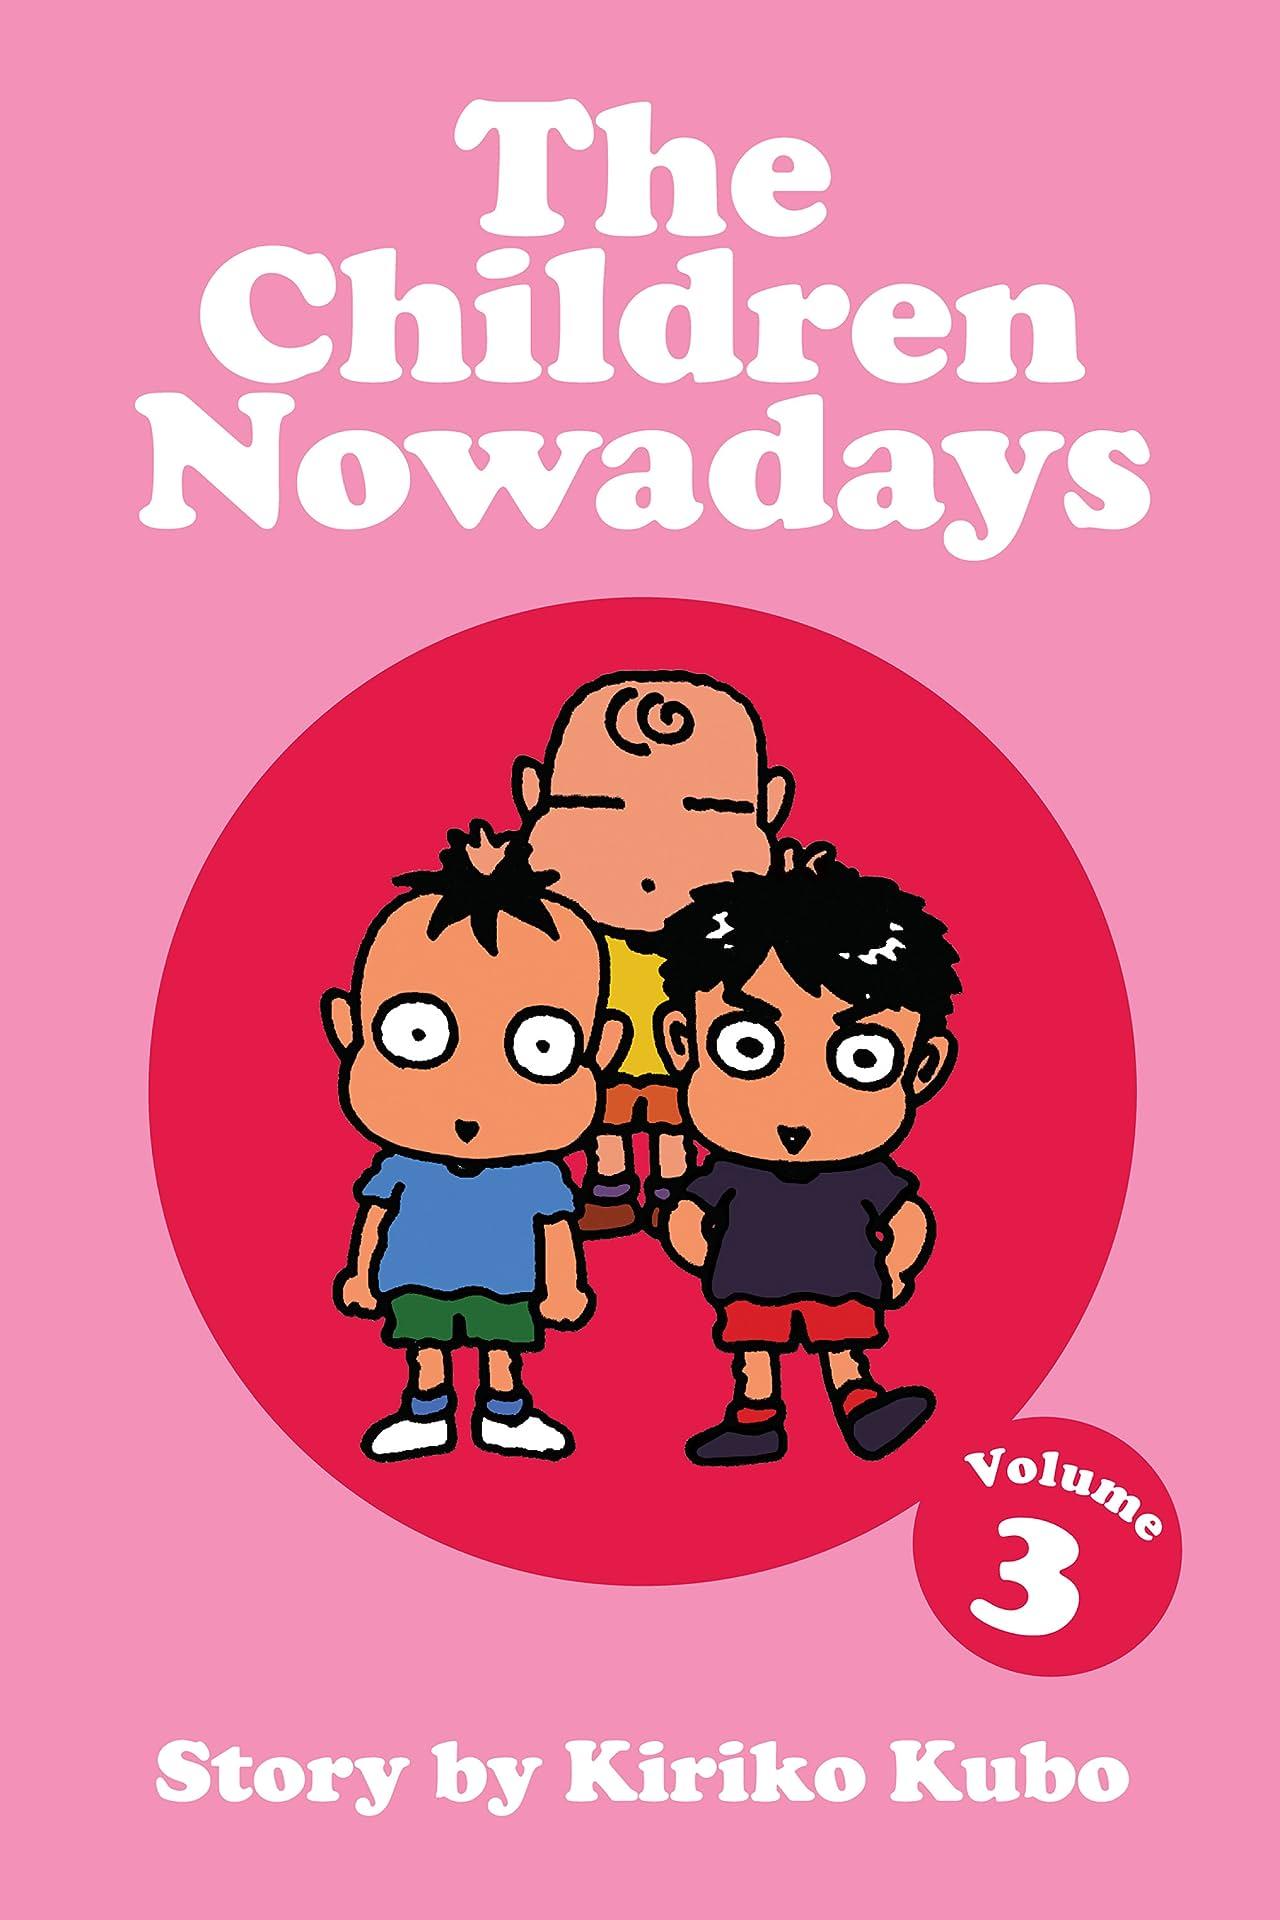 The Children Nowadays Vol. 3